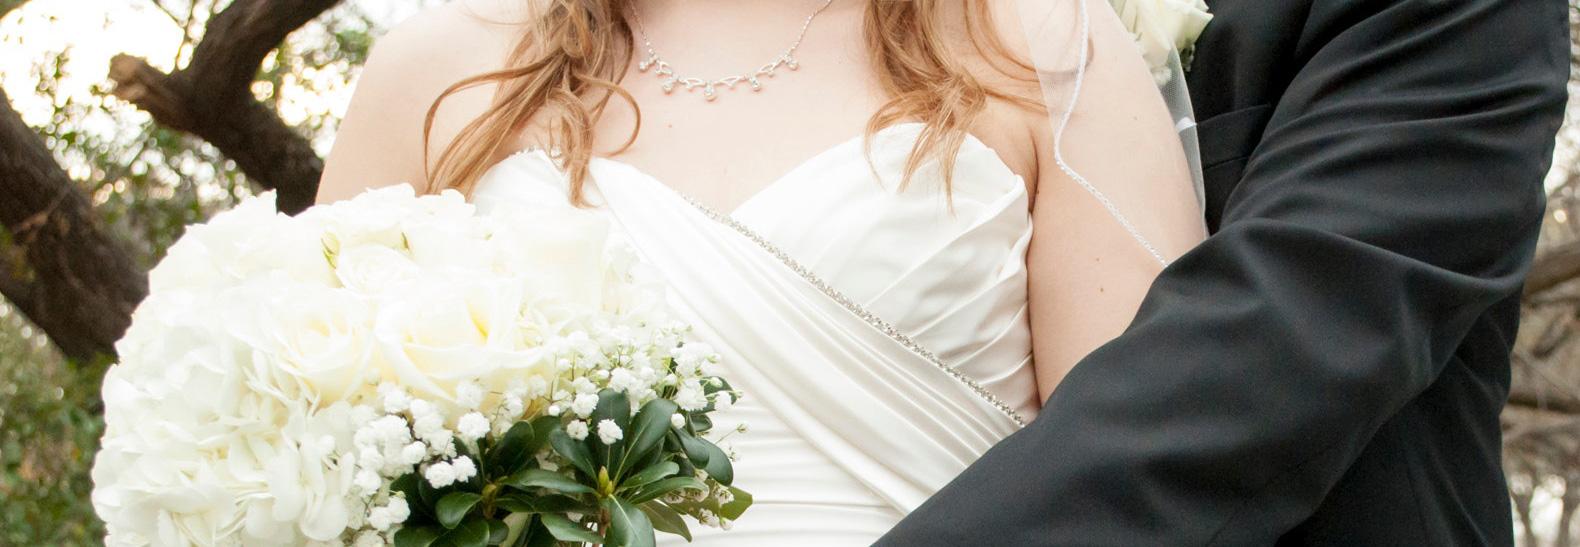 consigli su fare lista nozze